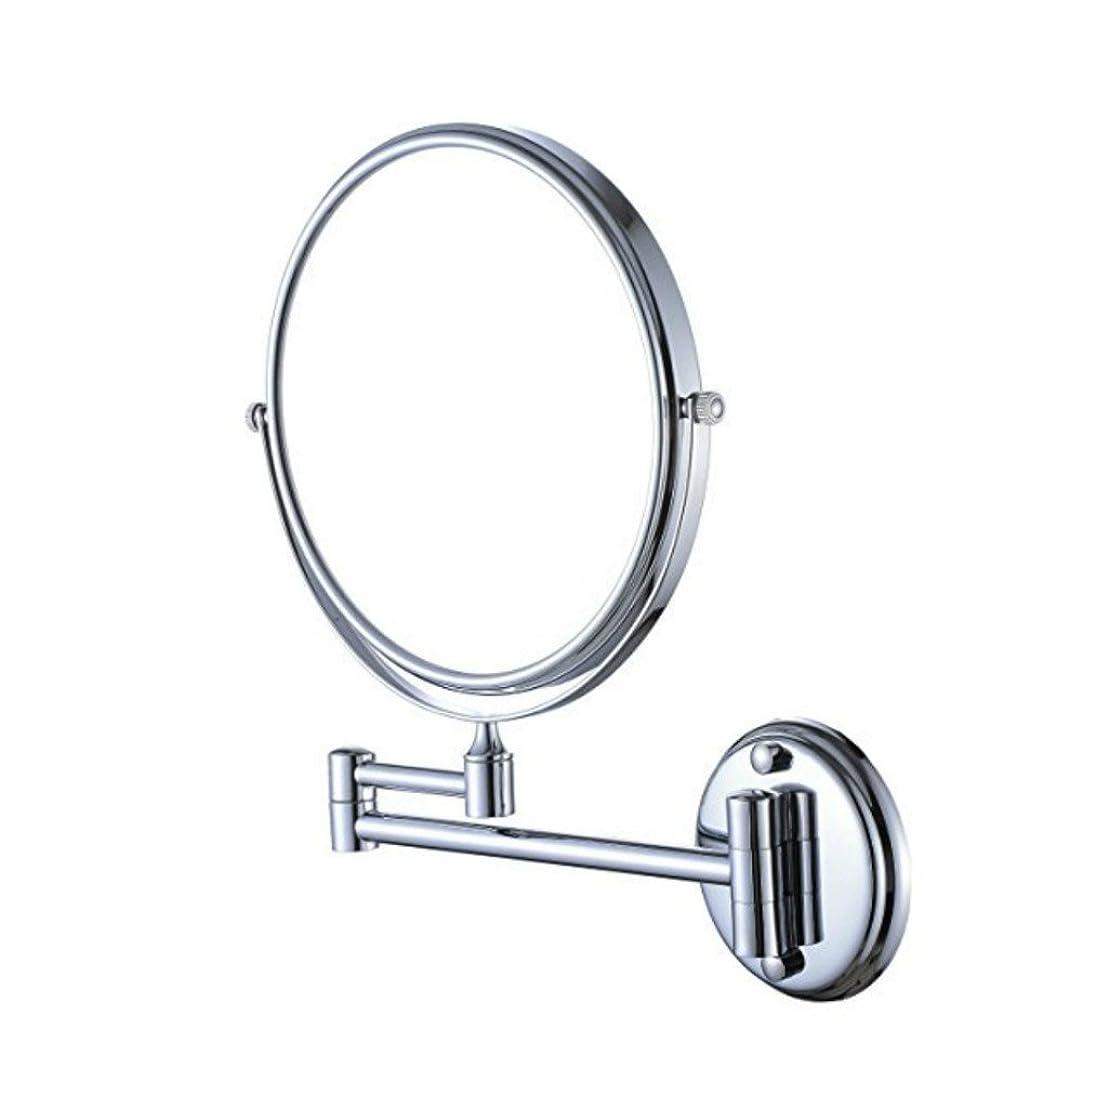 気性野心的抵抗するCUTICATE 5倍/ 1倍 両面化粧鏡 壁掛けミラー シェービング メイクアップミラー